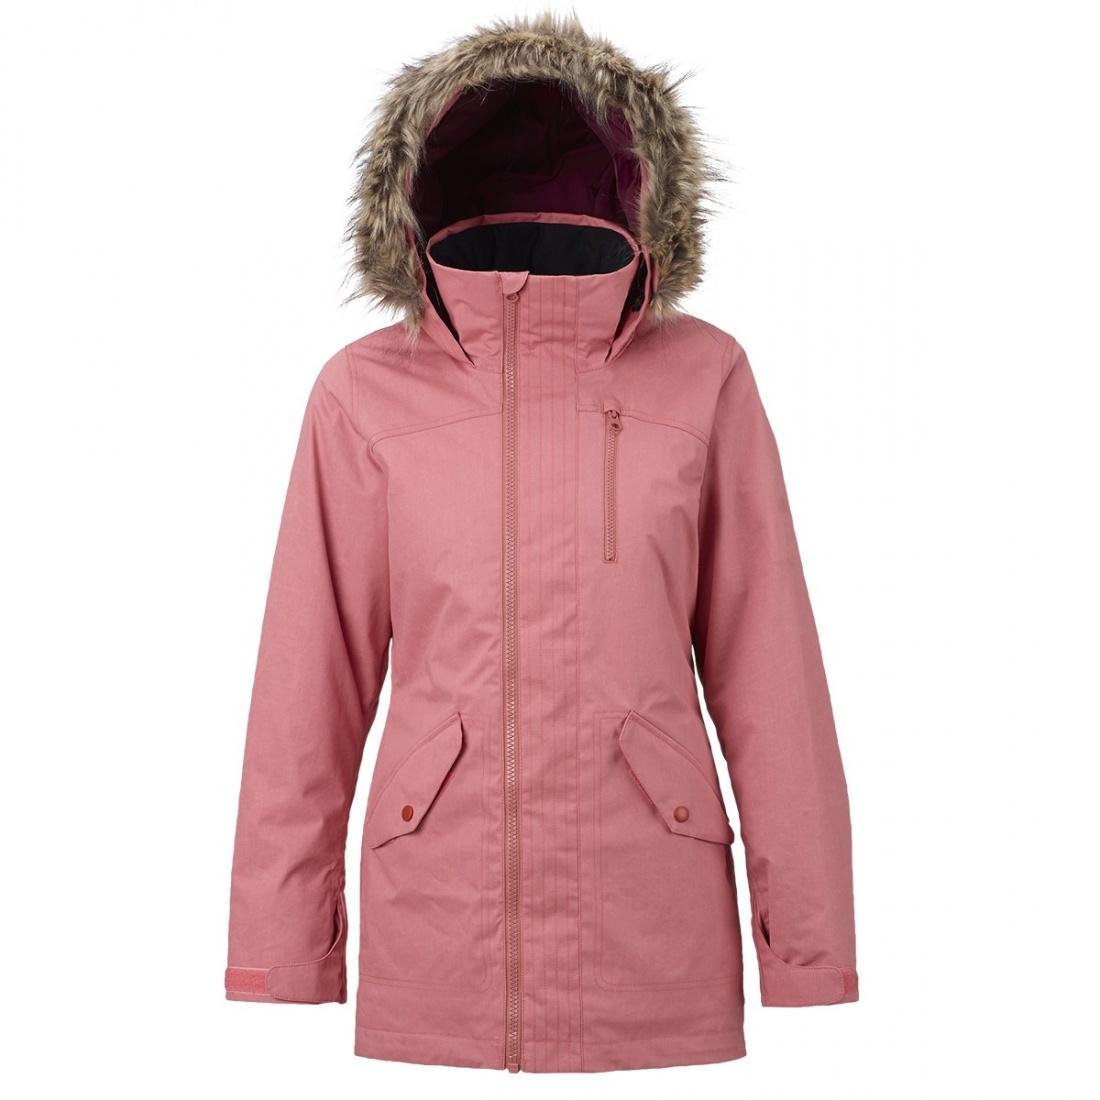 Burton Куртка WB HAZEL JK женская горнолыжная Бежевый